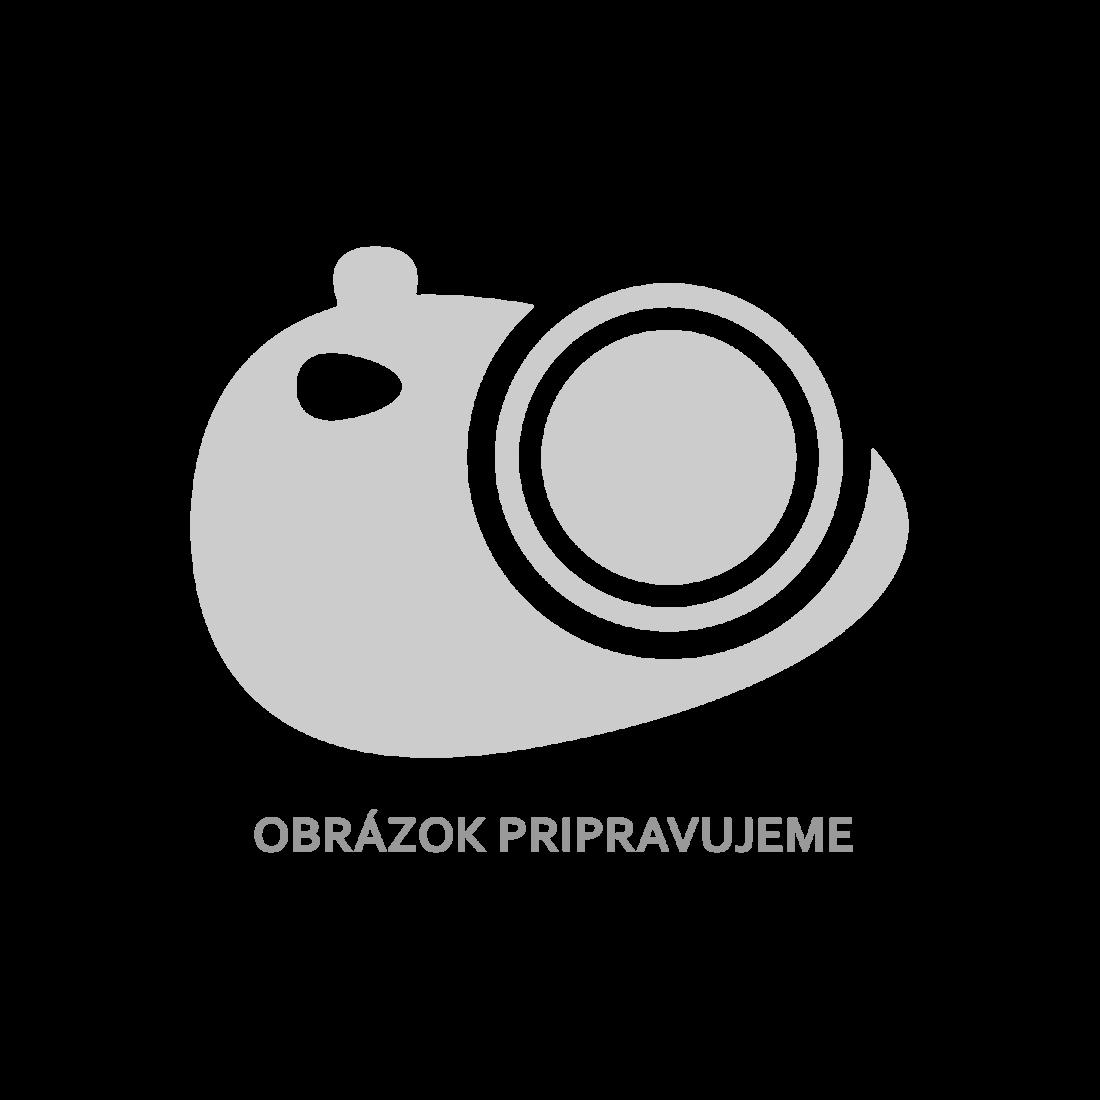 Vianočné poťahy na operadlá stoličiek - čiapky Santa Claus 6 ks